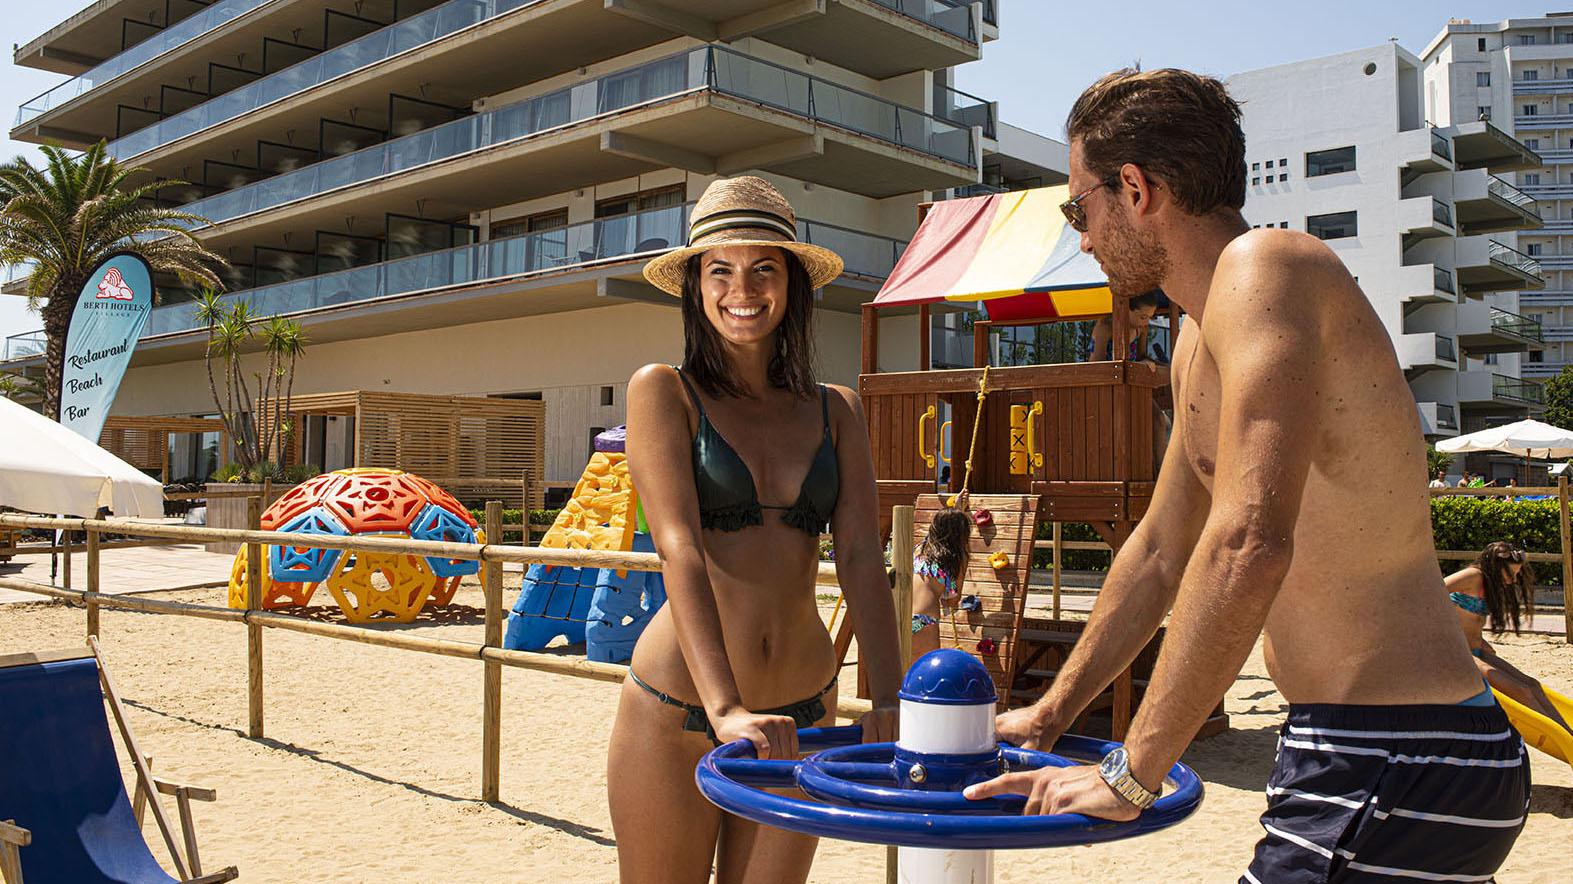 giochi_spiaggia